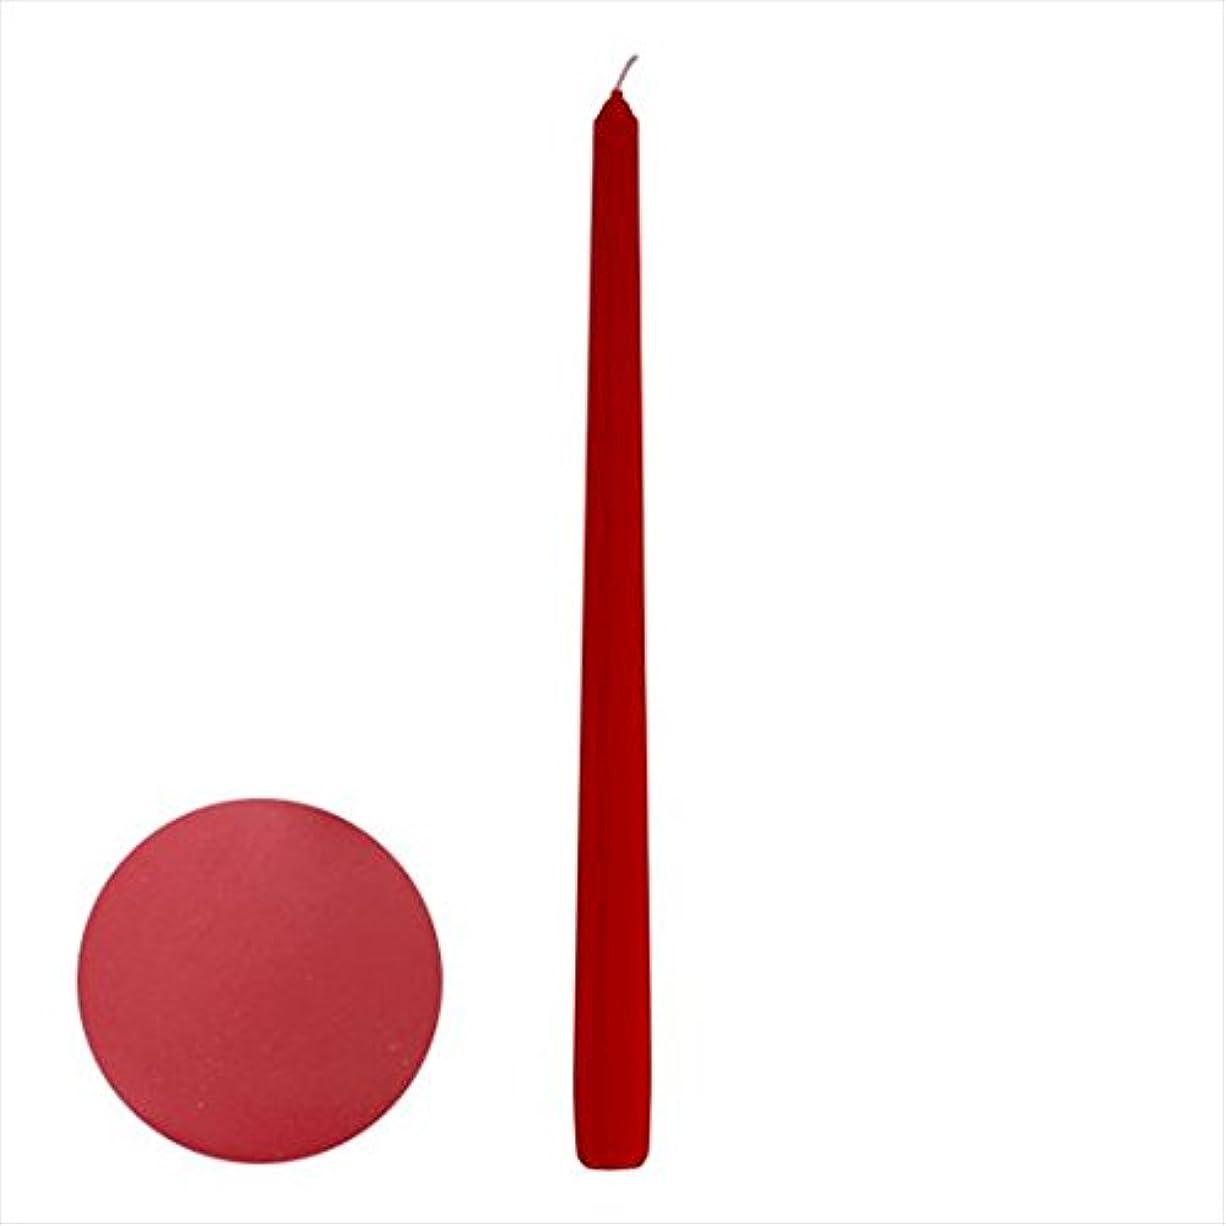 レンジ脅かす蒸発するカメヤマキャンドル(kameyama candle) 12インチテーパー 「 ダークレッド 」 12本入り